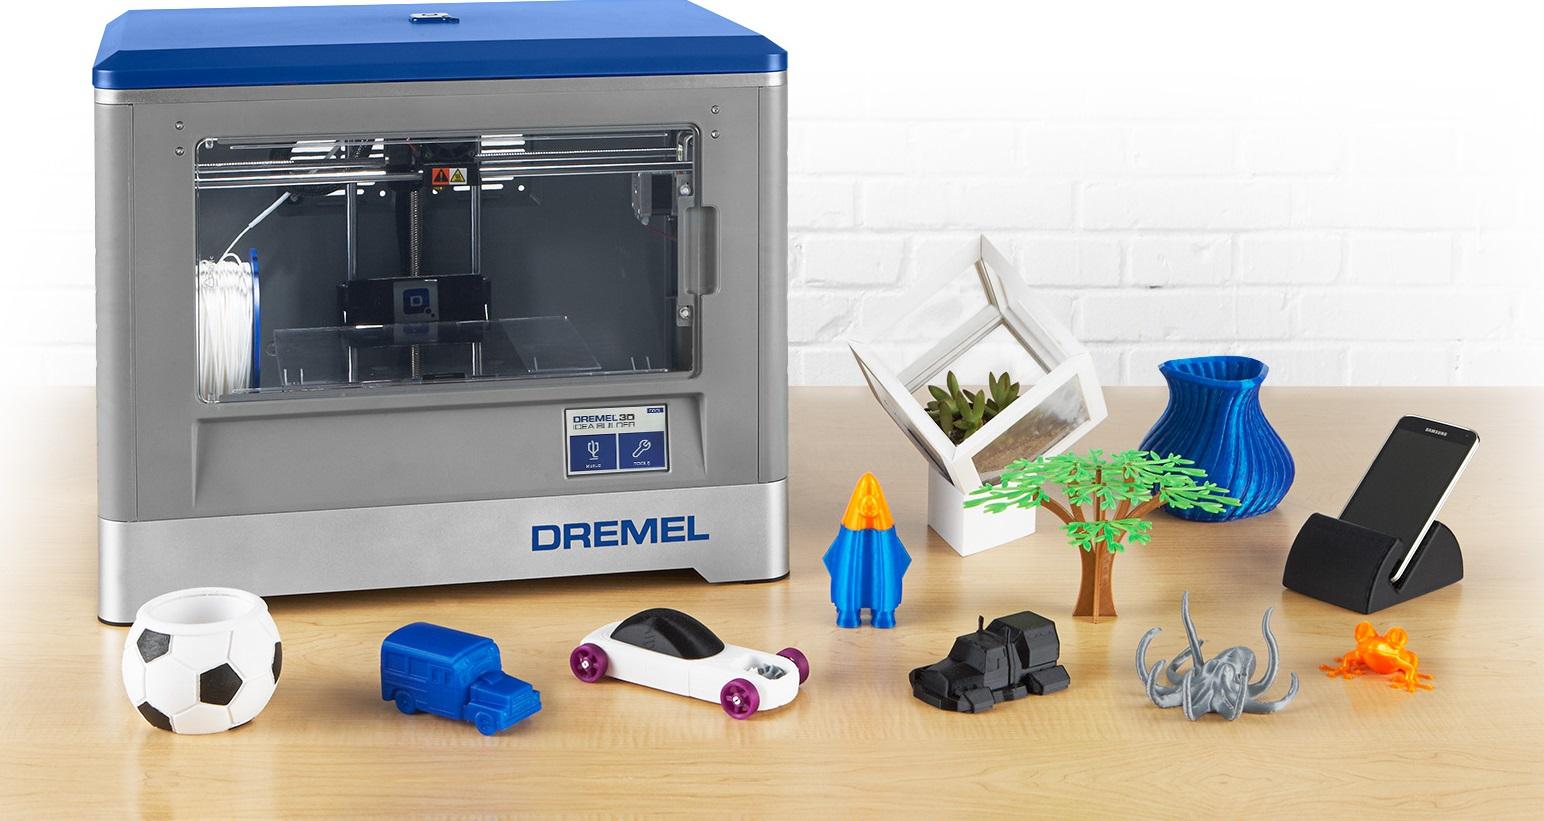 می دانید پرینتر سه بعدی چیست و چه کار می کند؟